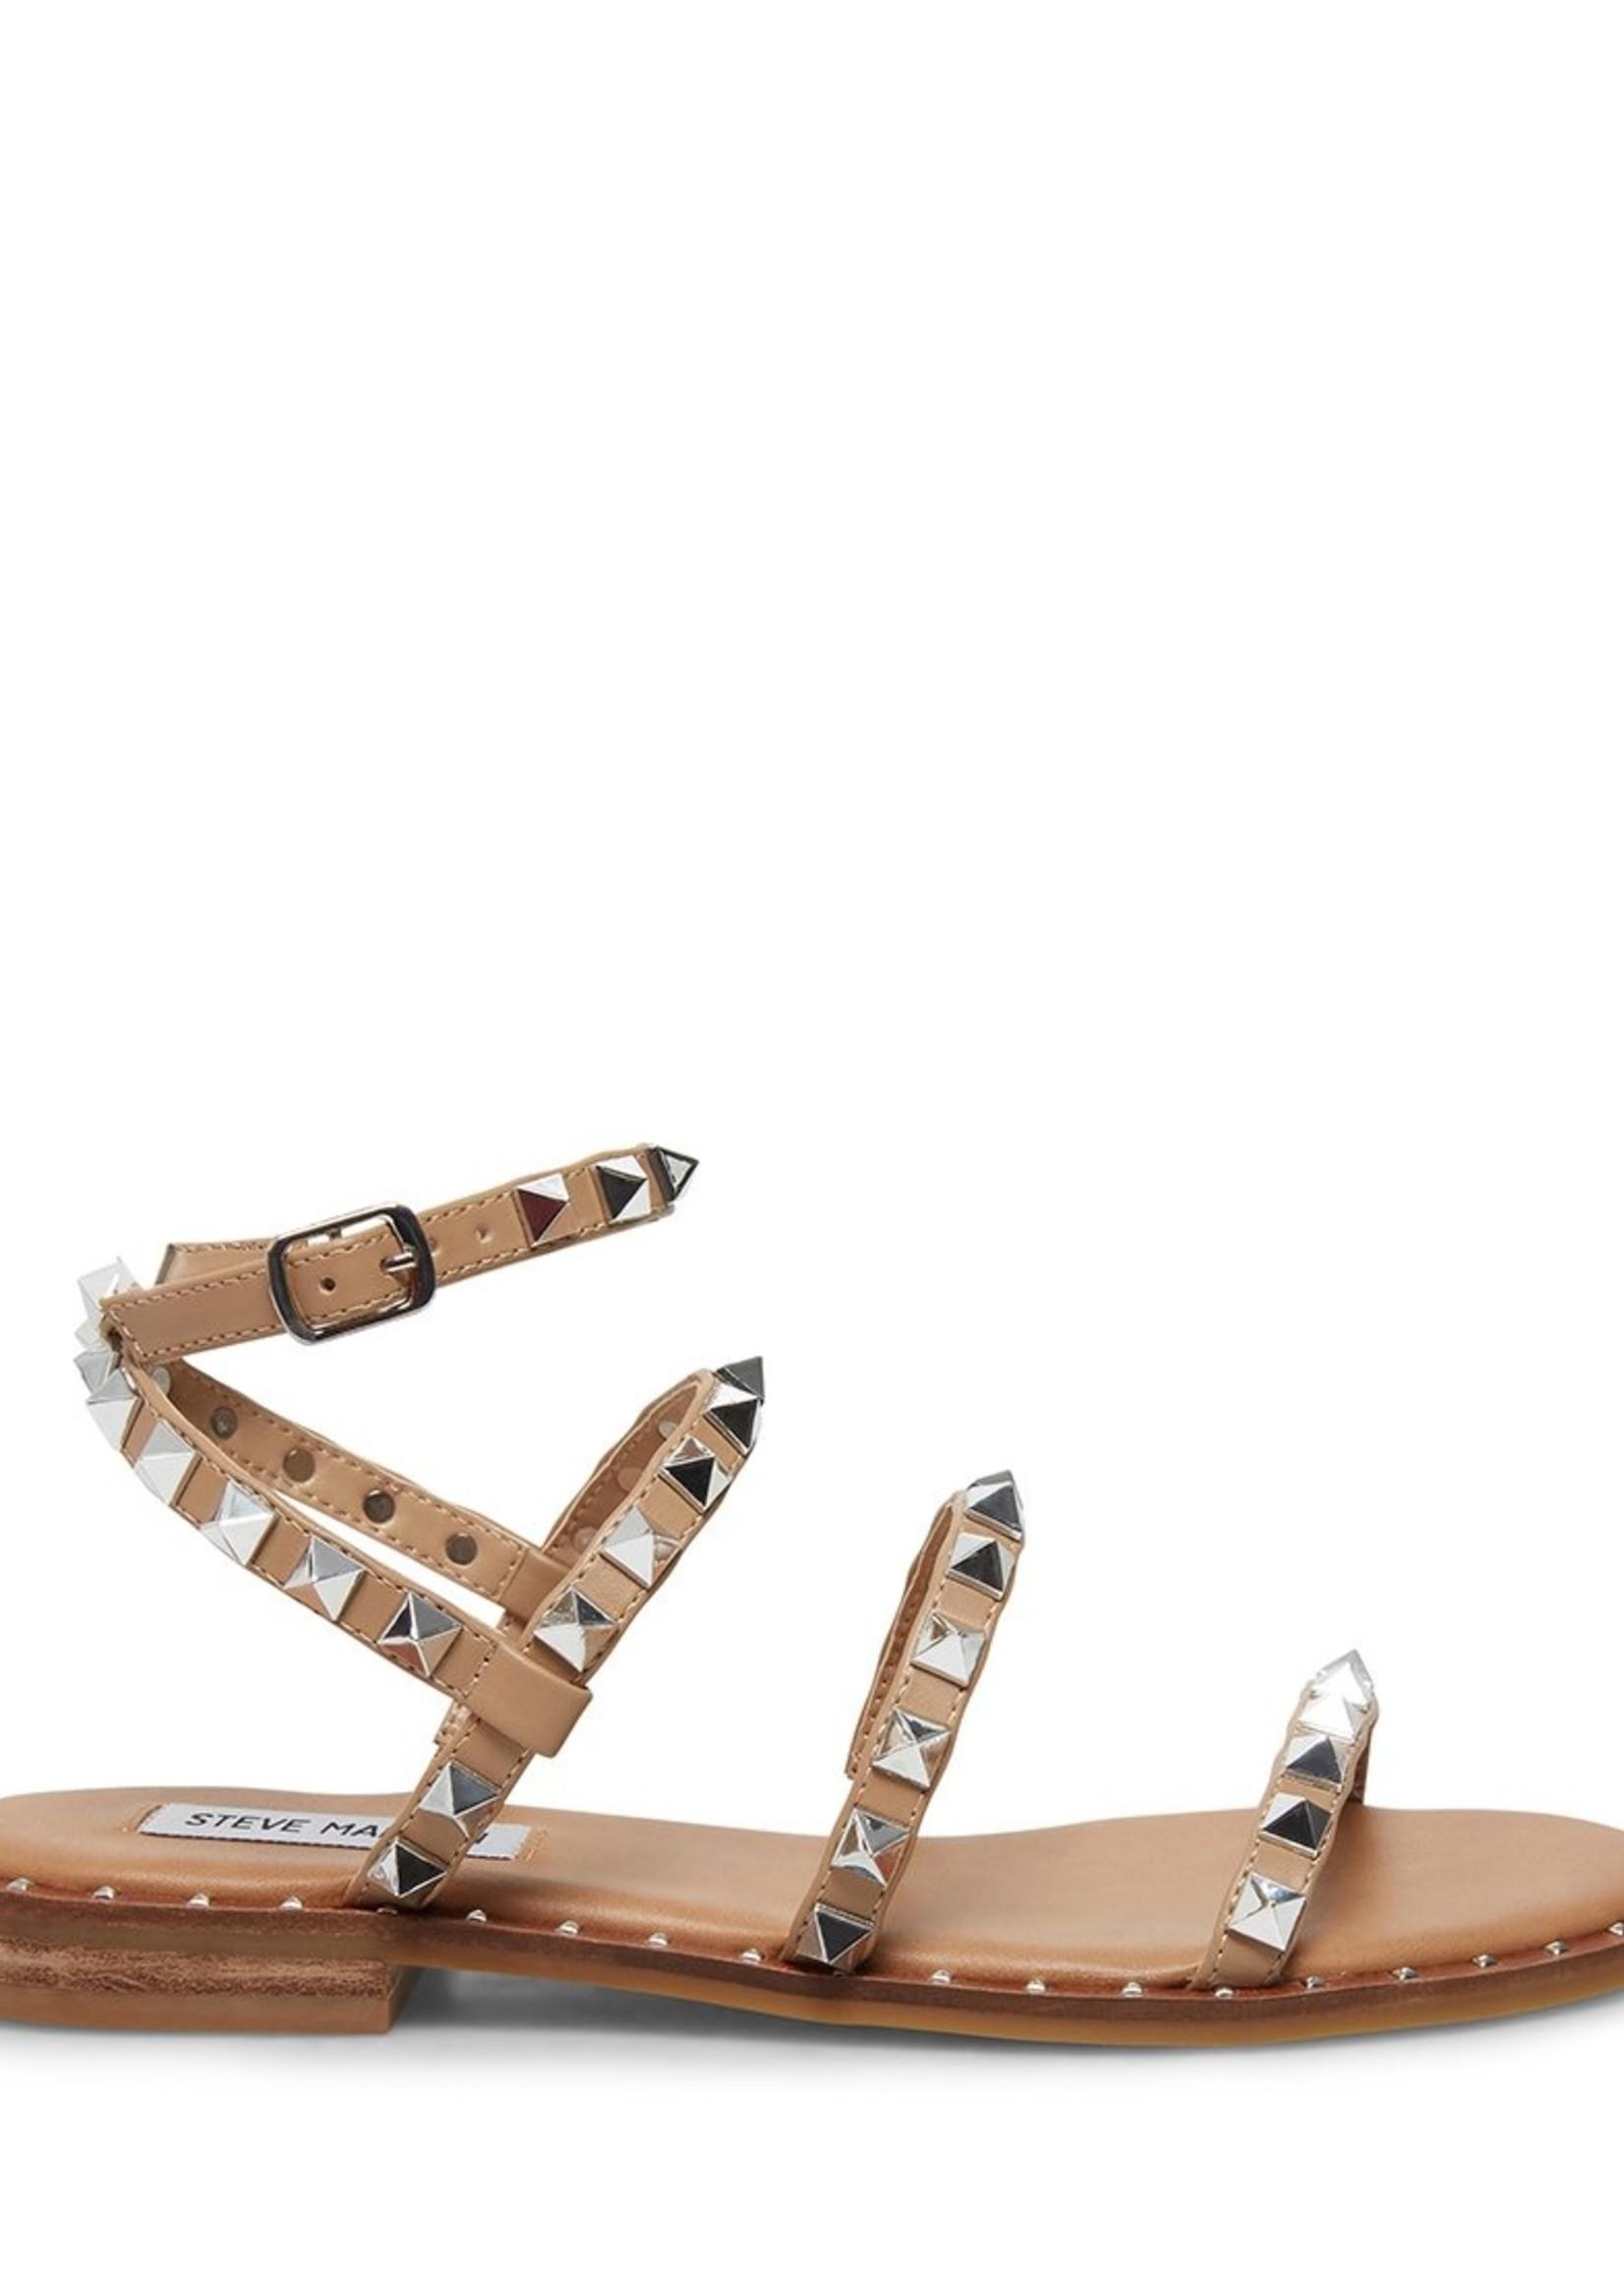 Steve Madden Travel Sandal - Tan